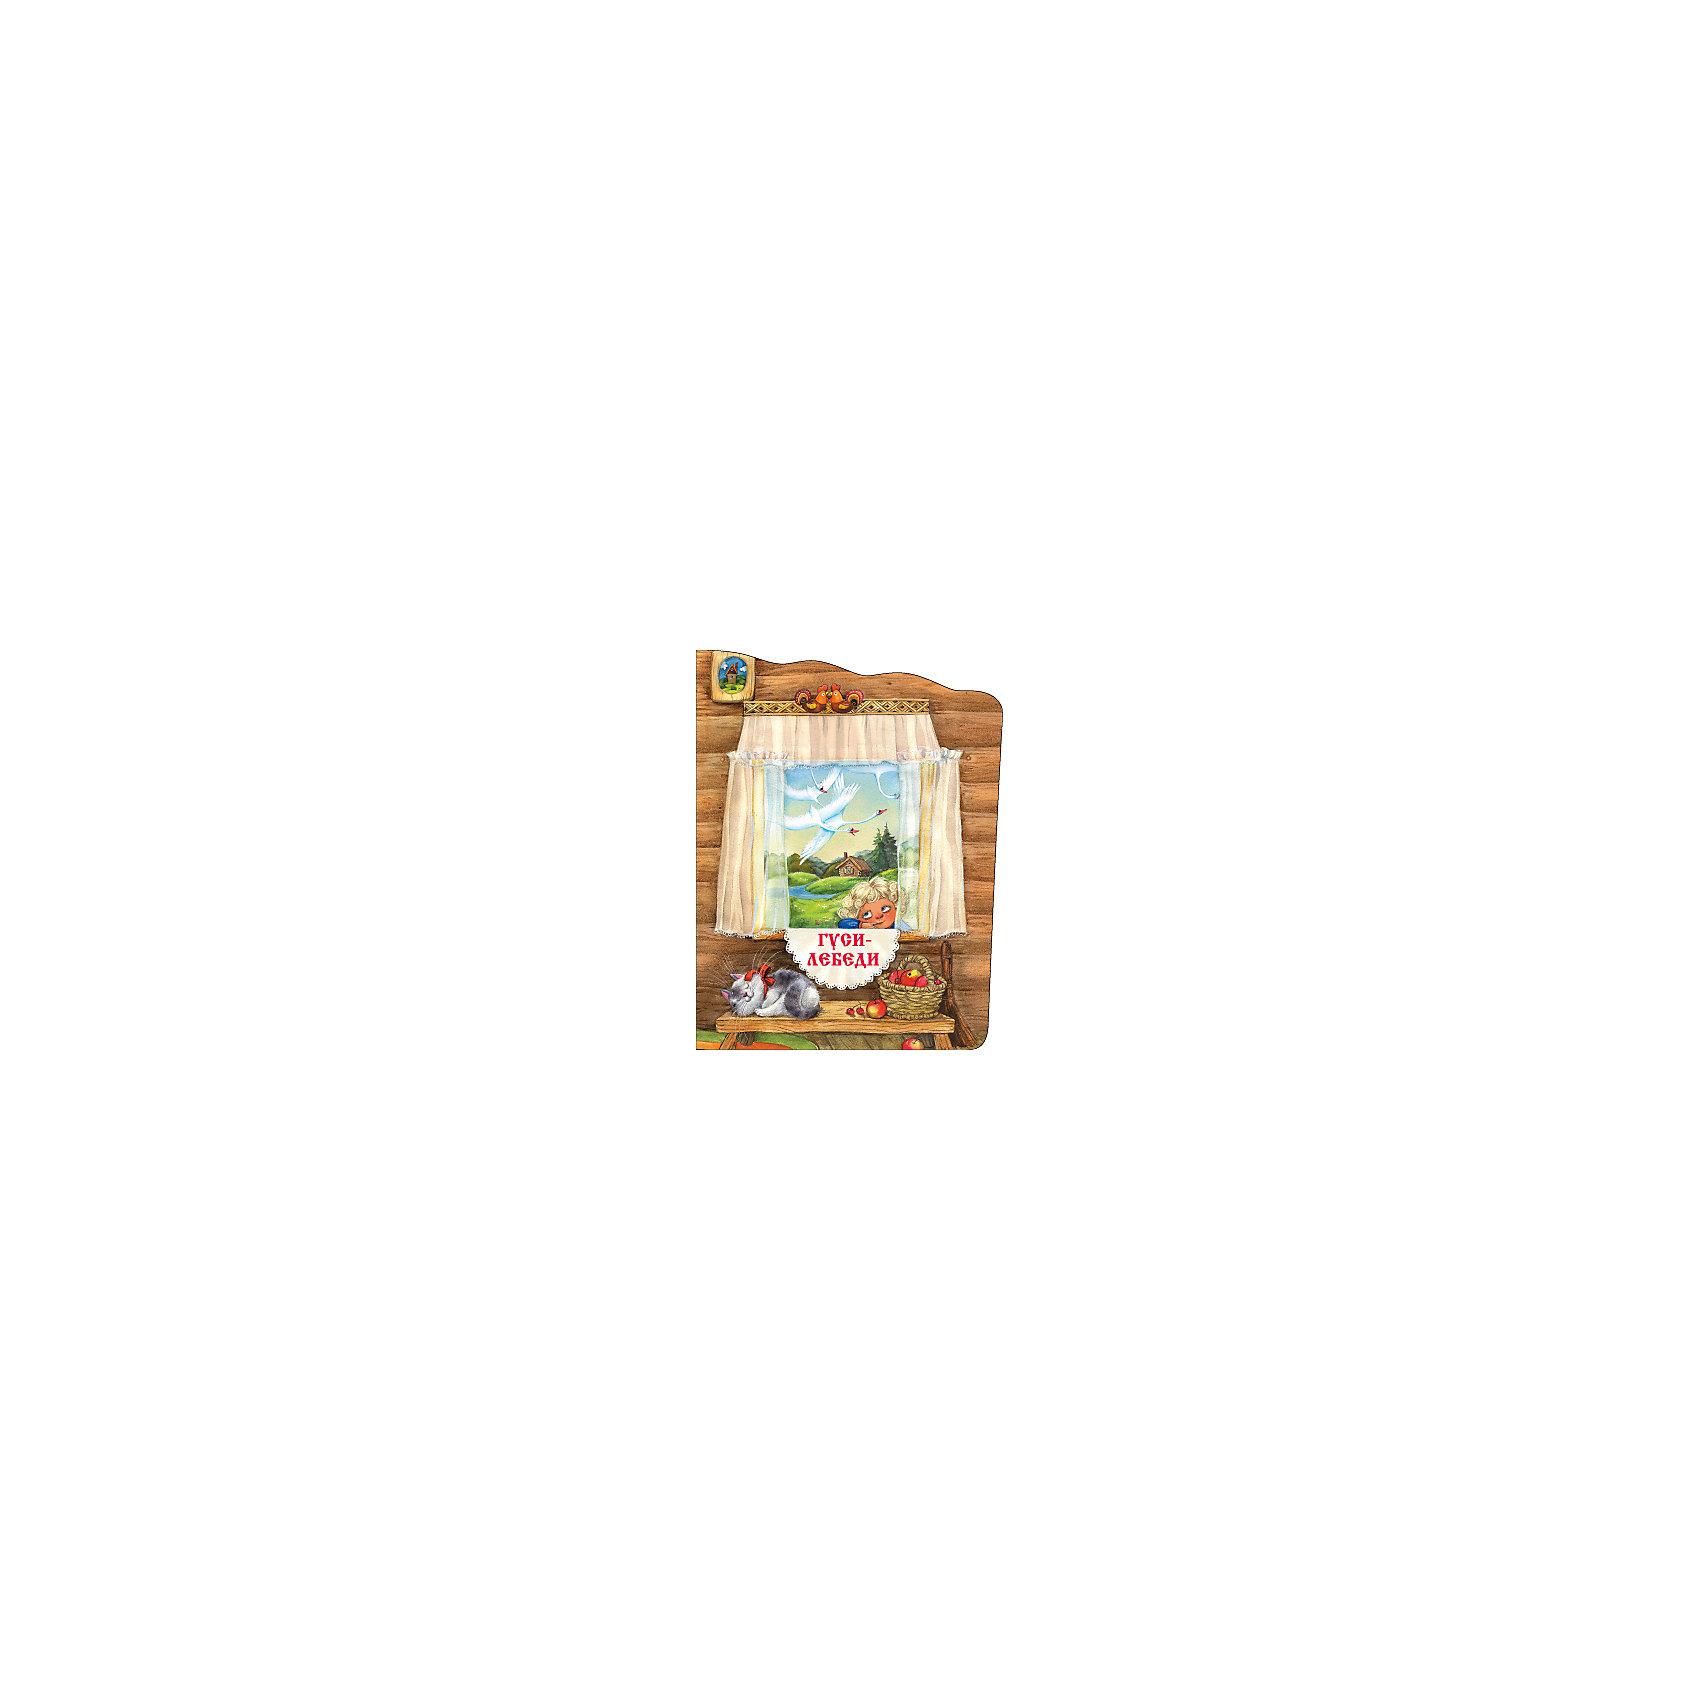 Гуси-лебеди, А.Н. ТолстойТолстой А.Н.<br>Книжка Гуси-лебеди.<br><br>Характеристики:<br><br>• Для детей в возрасте: от 12 месяцев до 4 лет<br>• Литературная обработка: Толстой Алексей Николаевич<br>• Художник: Еремина Л.<br>• Издательство: Мозаика-Синтез<br>• Серия: Русские сказки. Книжки с вырубкой<br>• Тип обложки: мягкая обложка<br>• Иллюстрации: цветные<br>• Количество страниц: 16<br>• Размер: 280х215х2 мм.<br>• Вес: 82 гр.<br>• ISBN: 9785431509032<br><br>На страницах книги с удивительными иллюстрациями Любови Ереминой оживают герои любимой русской народной сказки «Гуси-лебеди» в классической обработке А. Н. Толстого. Красочную книжку в мягкой обложке легко взять с собой в гости, в поездку, на дачу или в детский сад - любимая сказка будет сопровождать вашего малыша повсюду.<br><br>Книжку Гуси-лебеди можно купить в нашем интернет-магазине.<br><br>Ширина мм: 200<br>Глубина мм: 215<br>Высота мм: 280<br>Вес г: 82<br>Возраст от месяцев: 12<br>Возраст до месяцев: 84<br>Пол: Унисекс<br>Возраст: Детский<br>SKU: 5523248